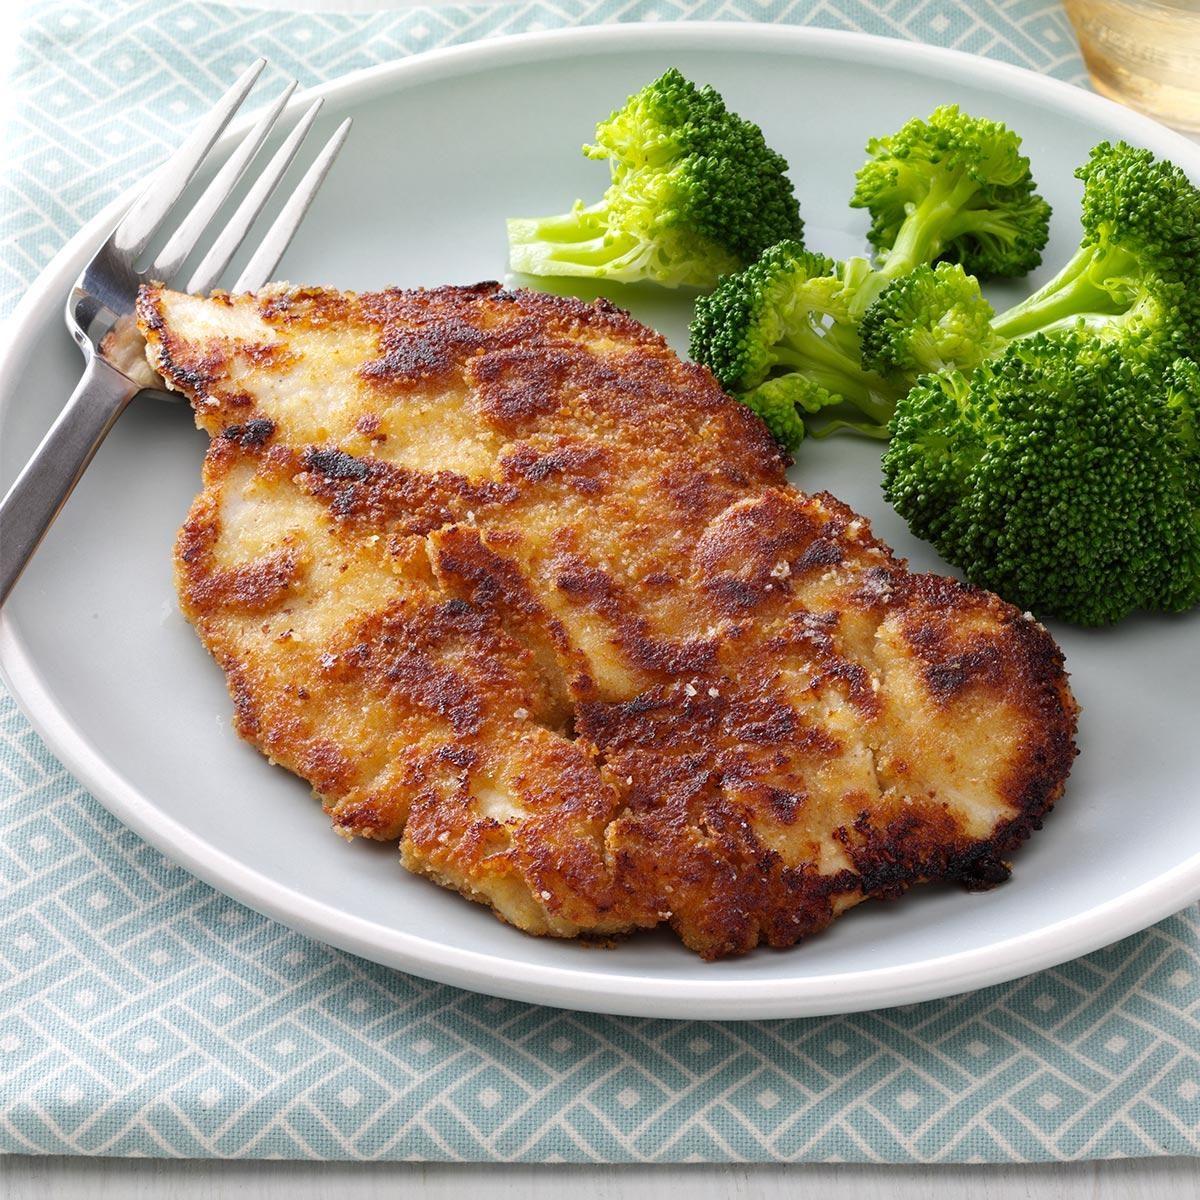 Honey-Mustard Breaded Chicken Recipe | Taste of Home